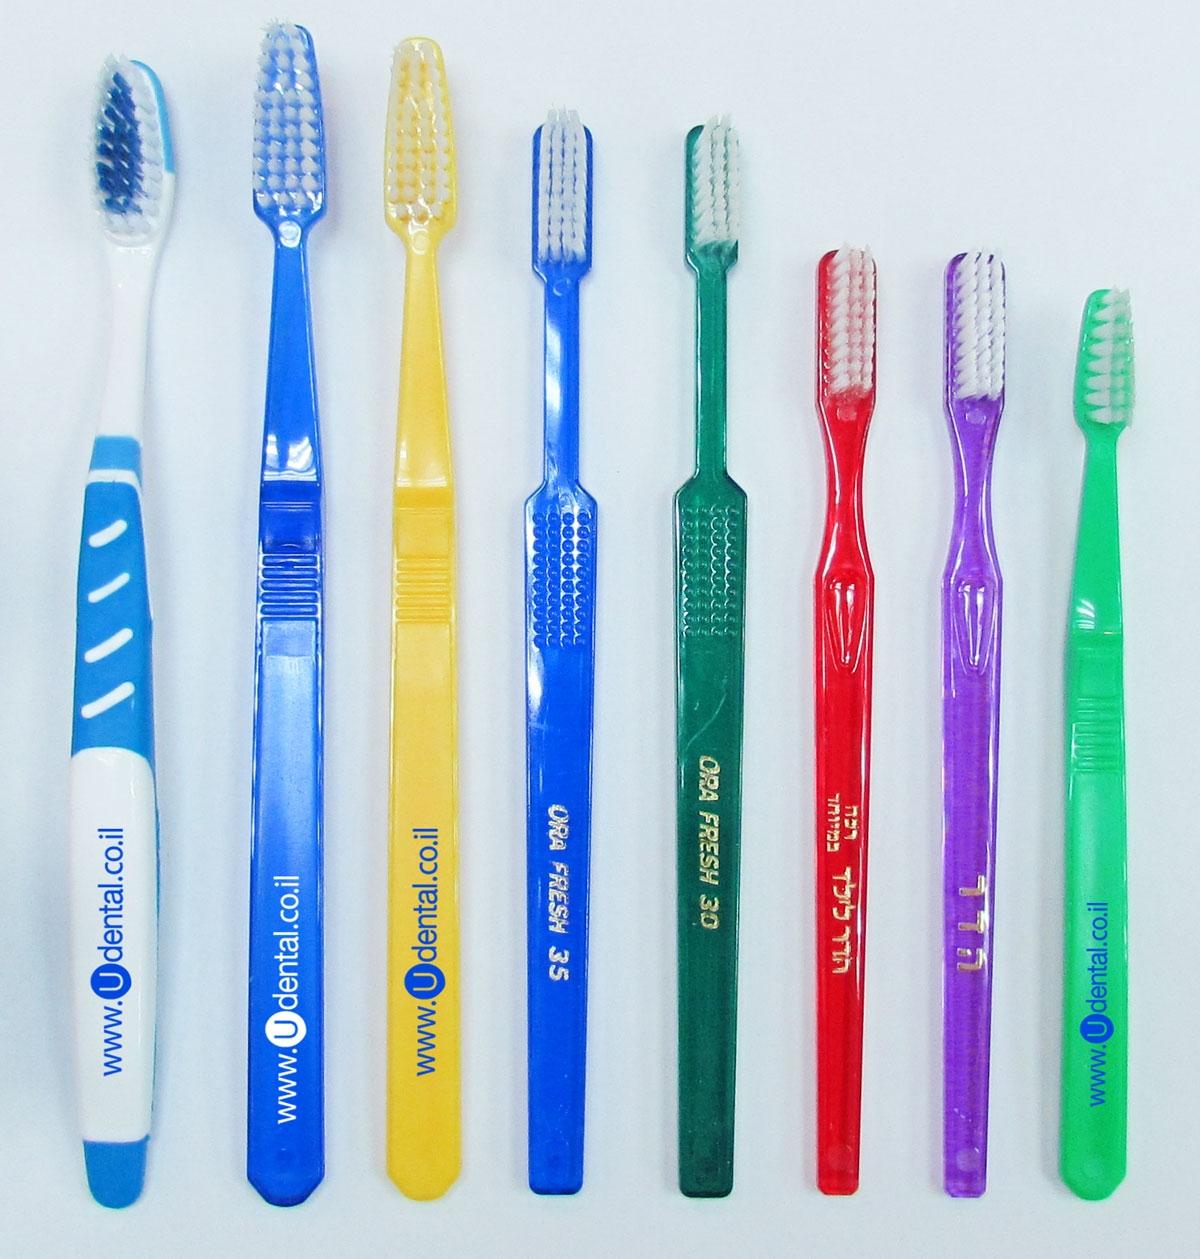 מברשות שיניים | מברשת שיניים | מברשת שיניים לילדים